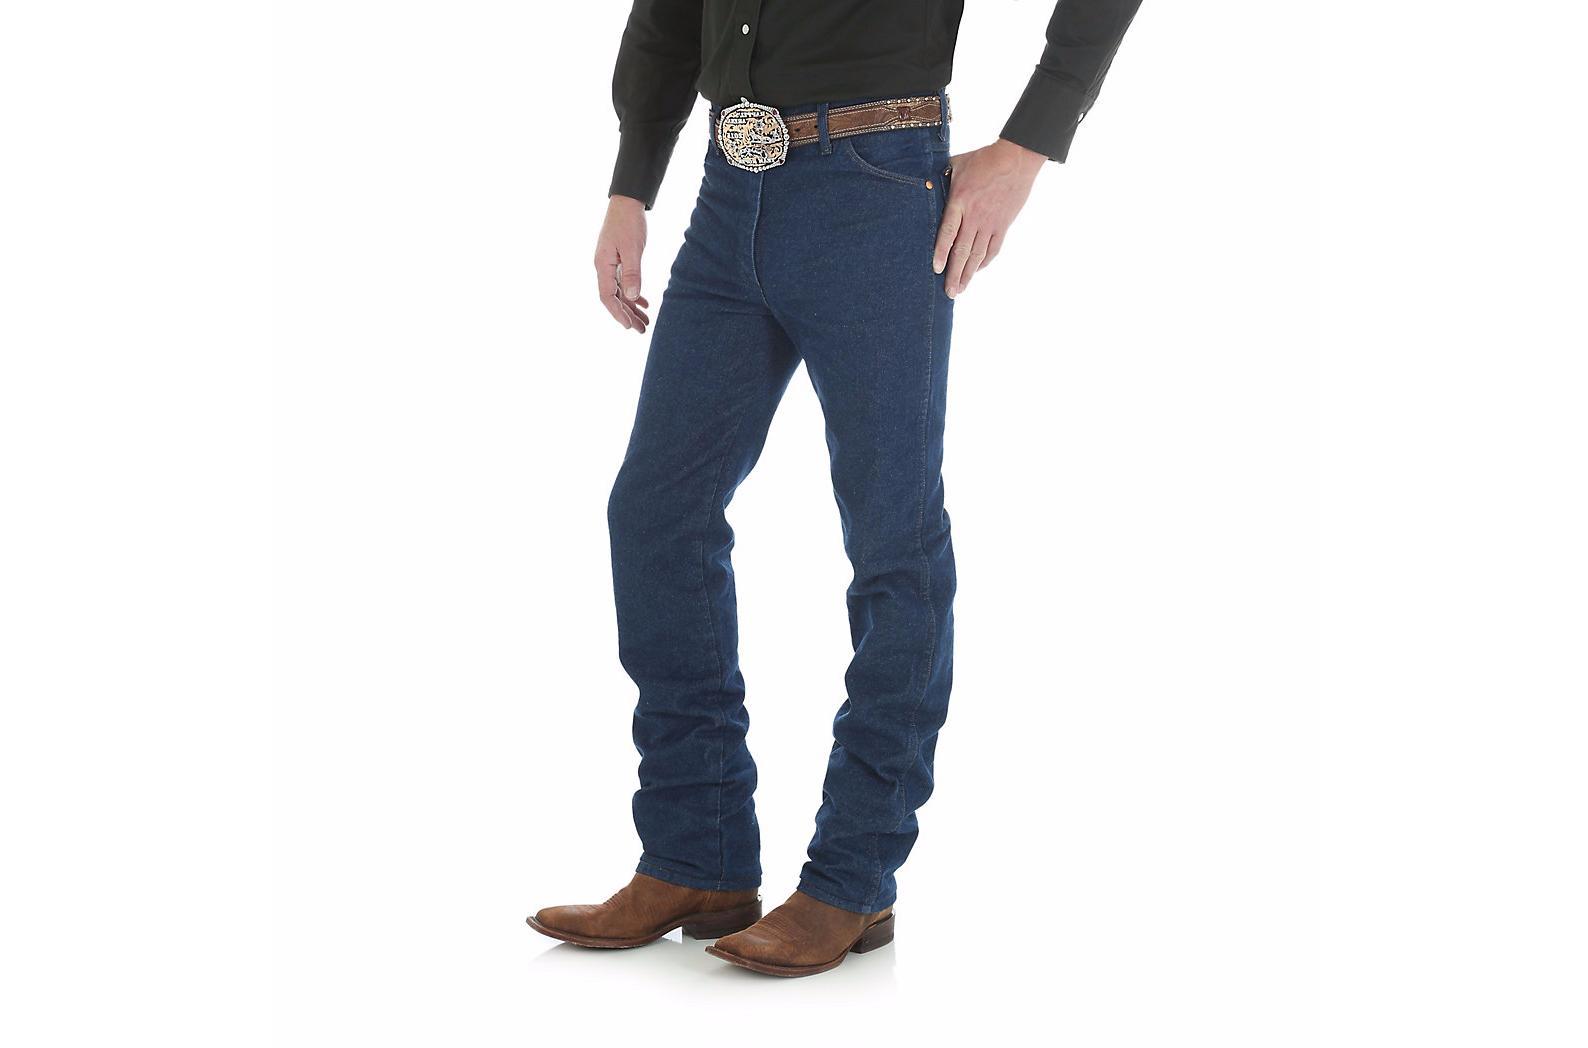 New 936 Cut Fit Men's Sizes